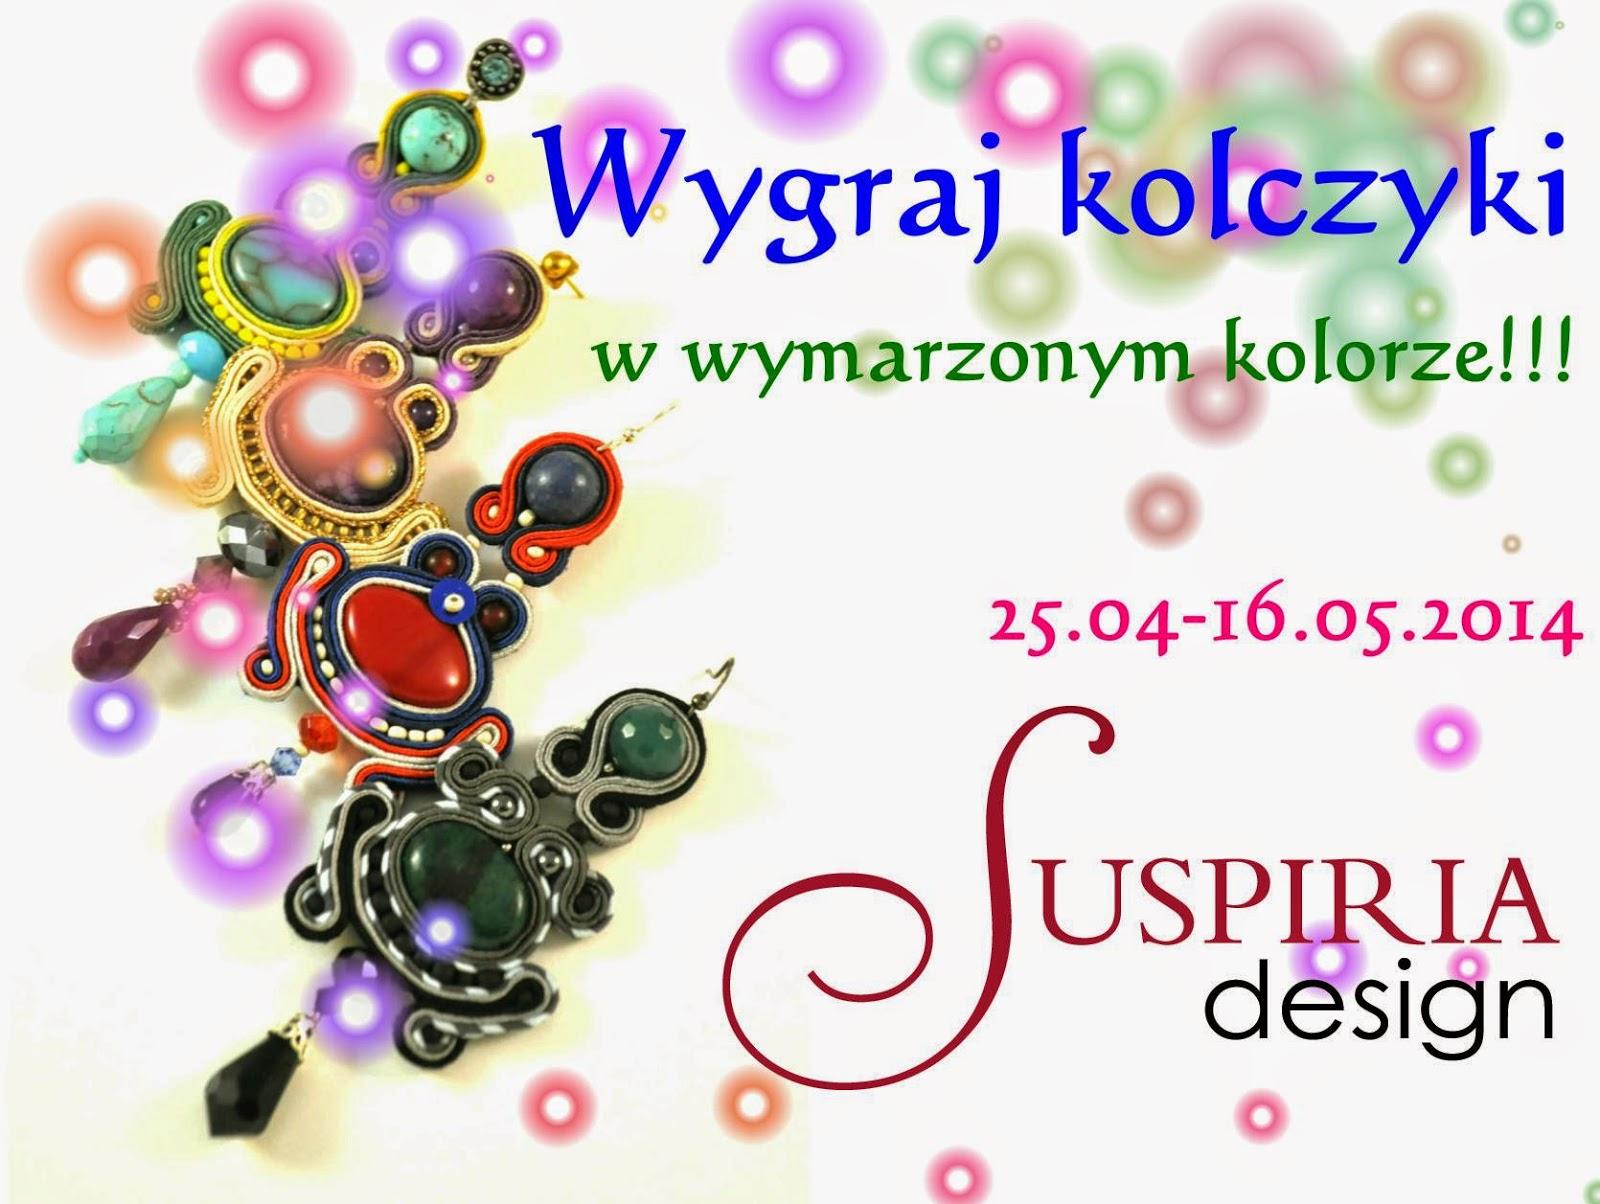 Candy w Suspiria design <br><i>16 maja</i>